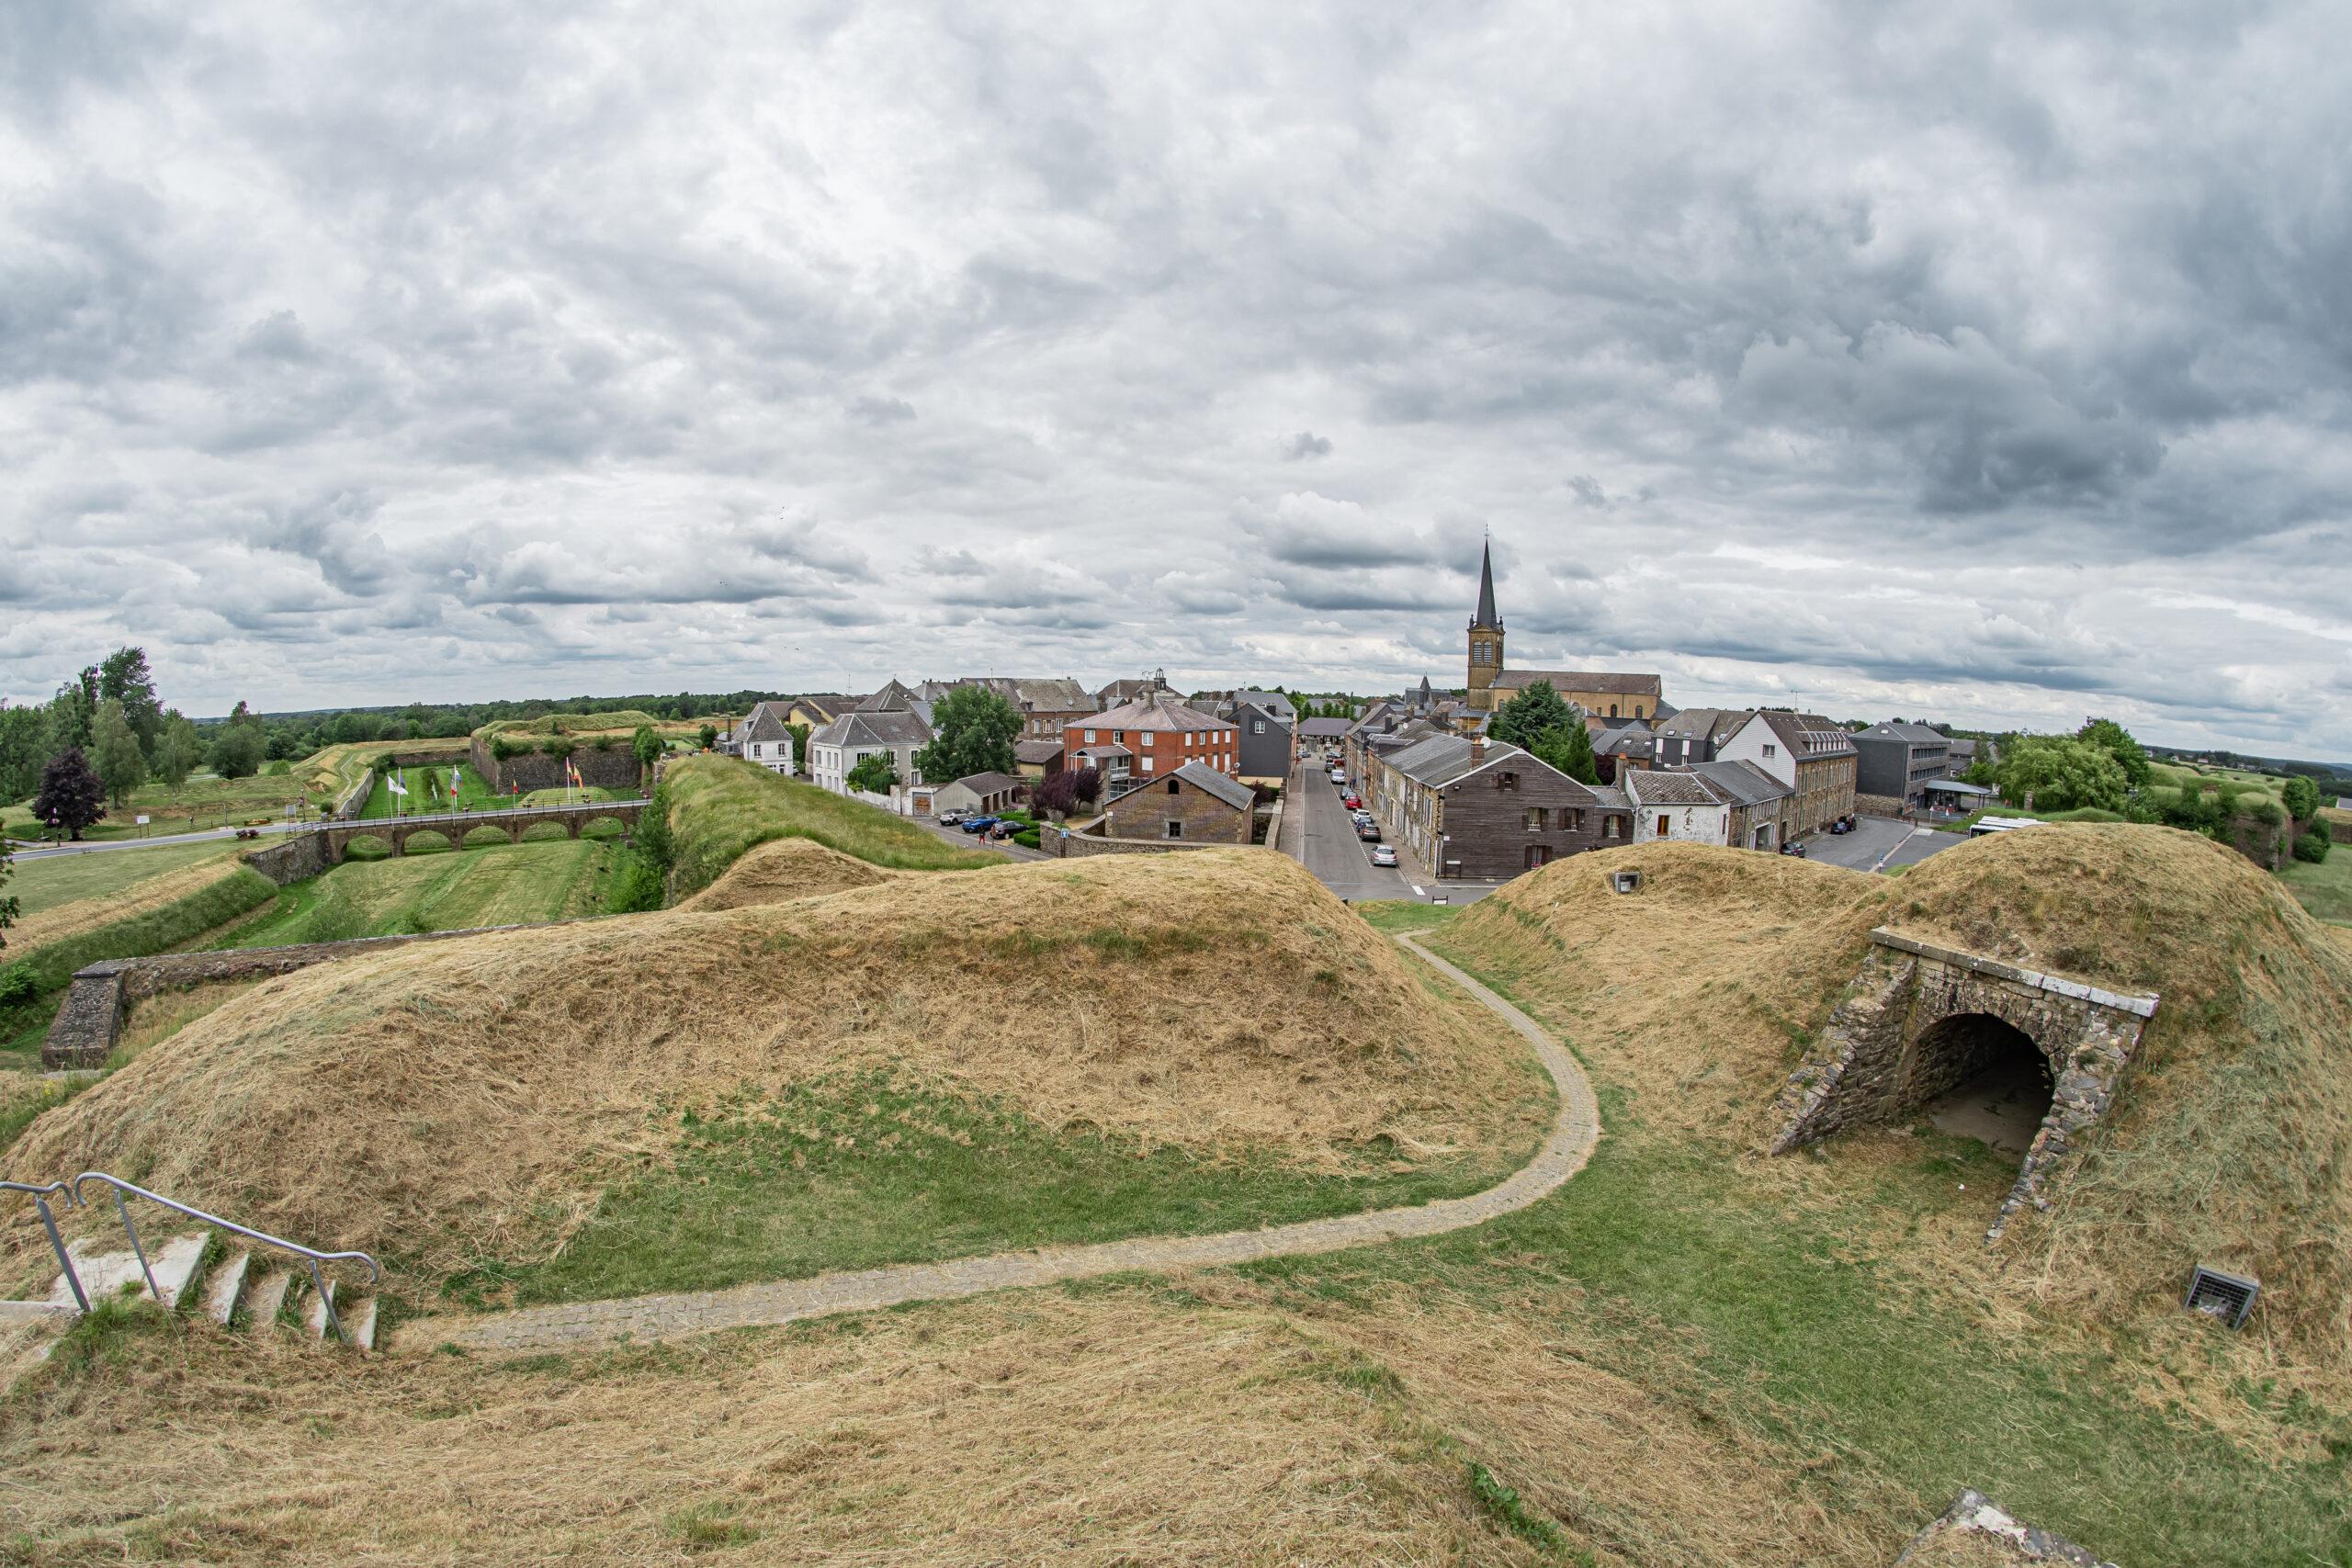 Rocroi, l'étoile fortifiée des Ardennes